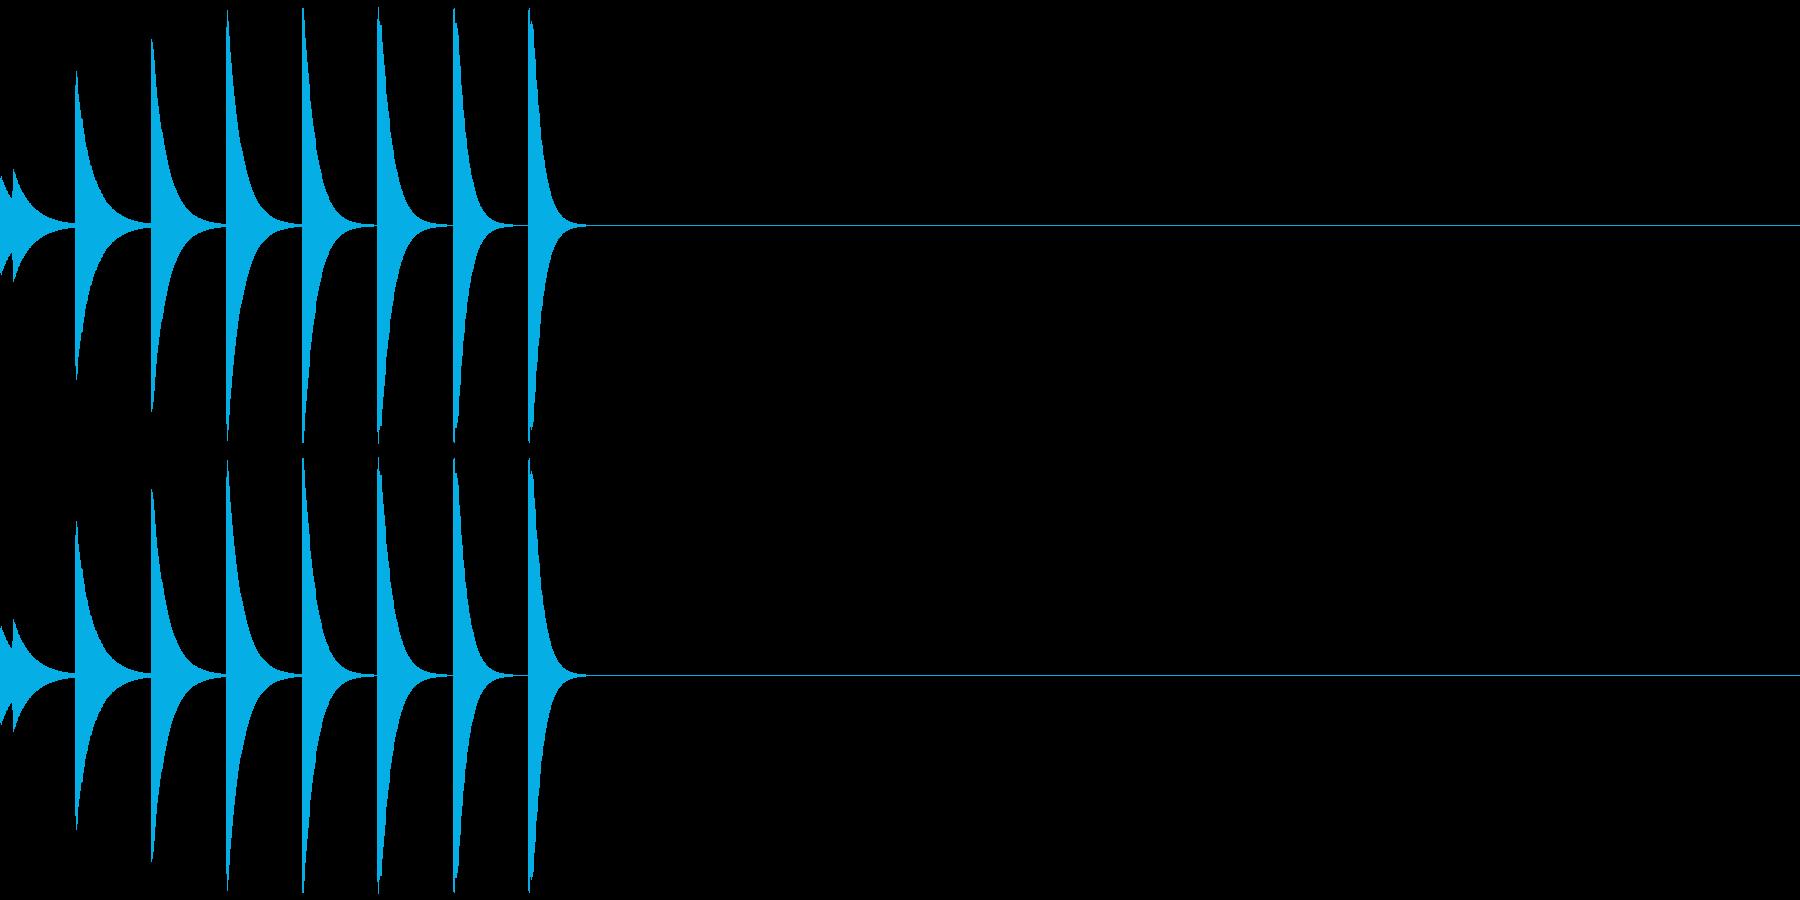 アイキャッチ/場面転換/ジングル/5-Aの再生済みの波形